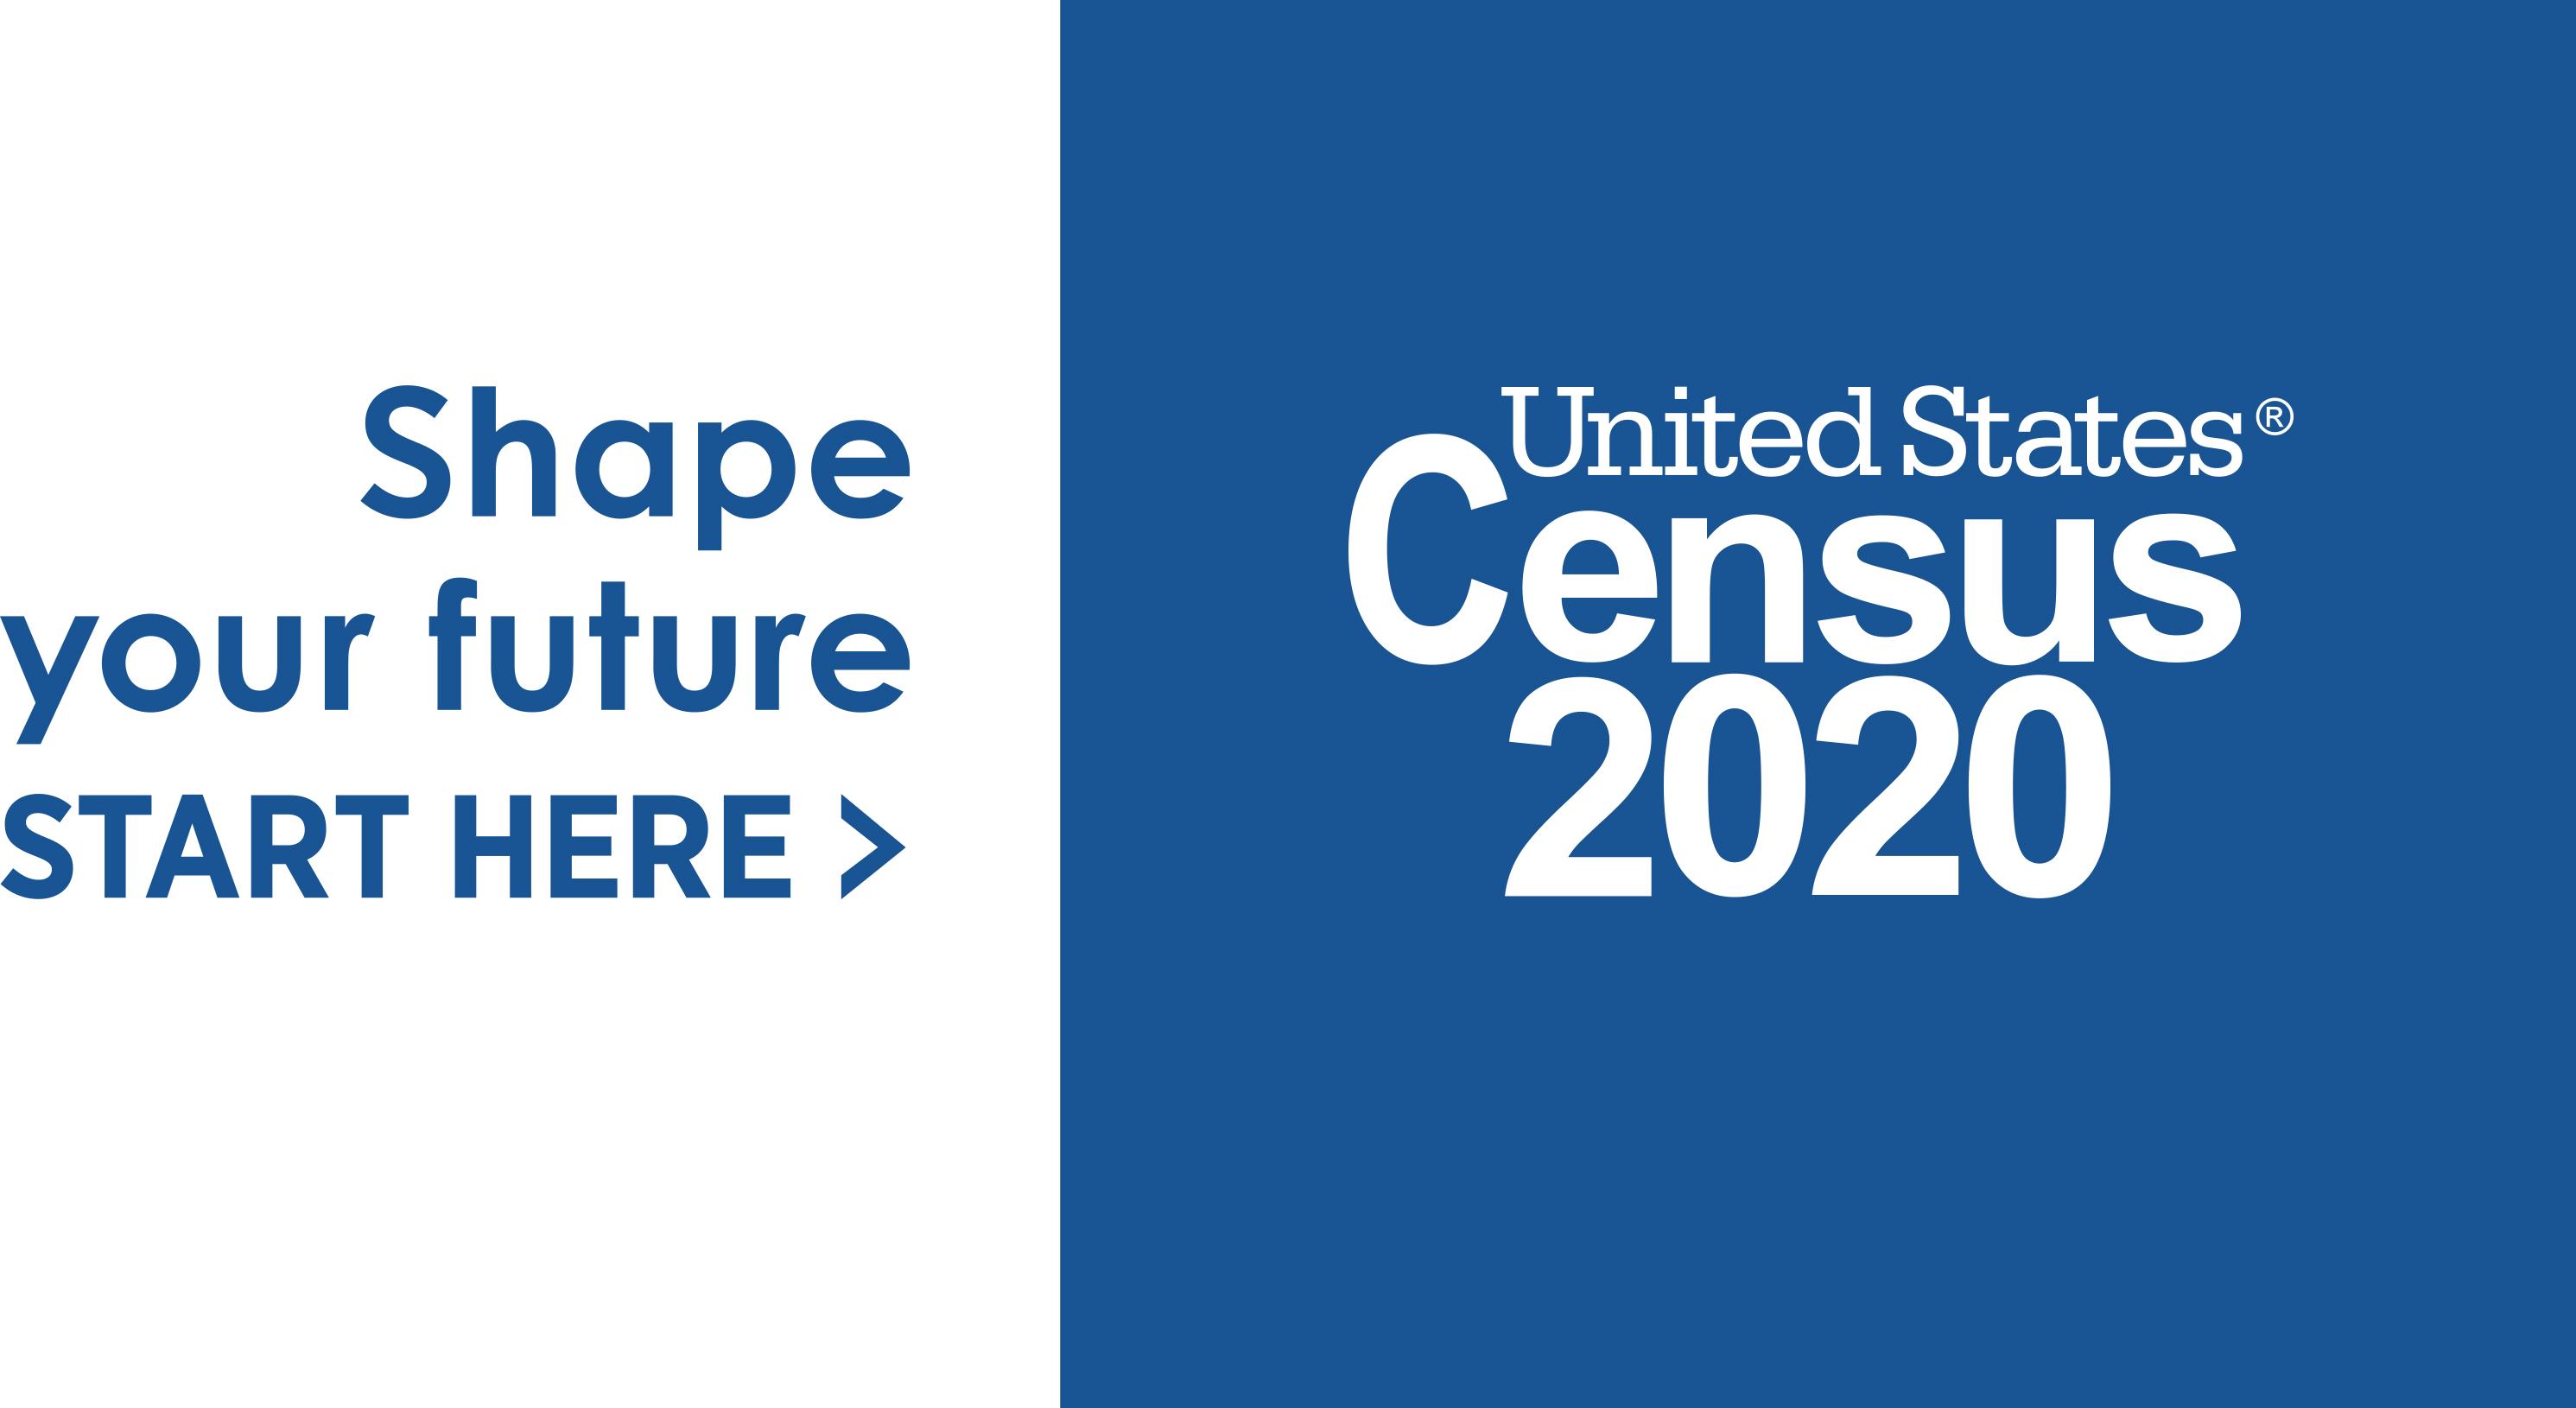 2020 Logo_Census_IN BOX_ Shape Your Future_Blue_Preferred